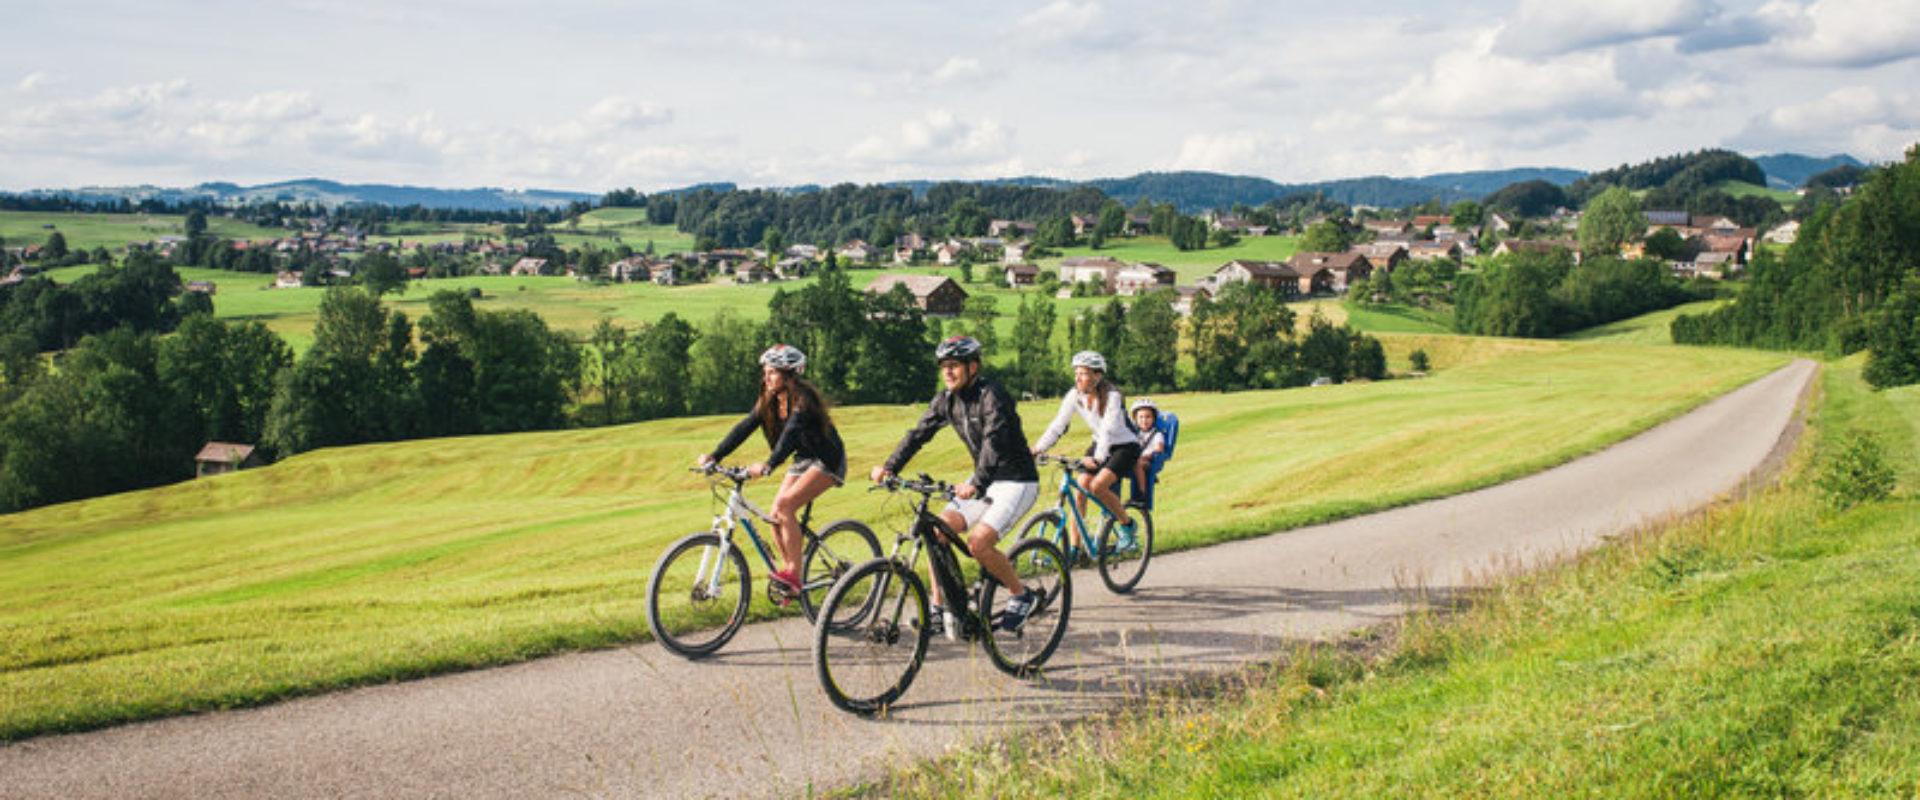 Radfahren Achtalweg (c) Benjamin Schlachter - Bregenzerwald Tourismus